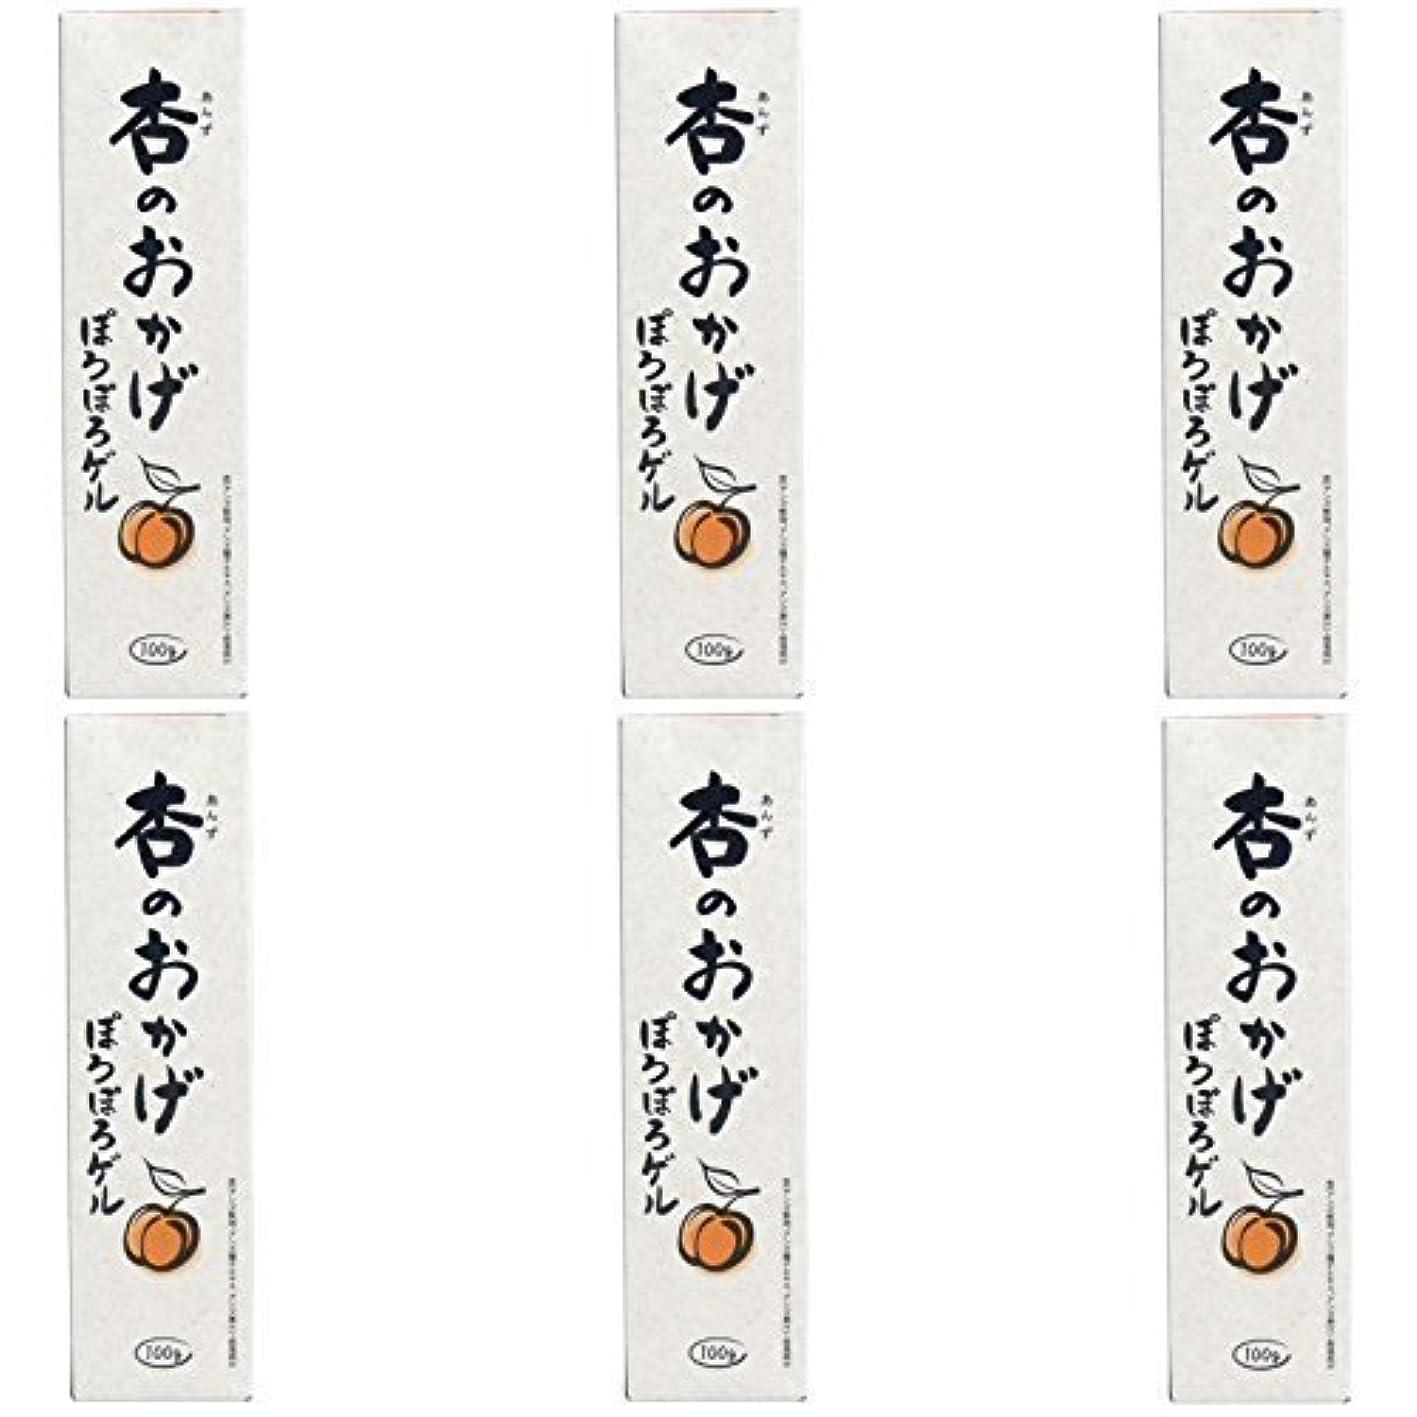 署名リル公使館【まとめ買い】杏のおかげ ぽろぽろゲル 100g【×6個】